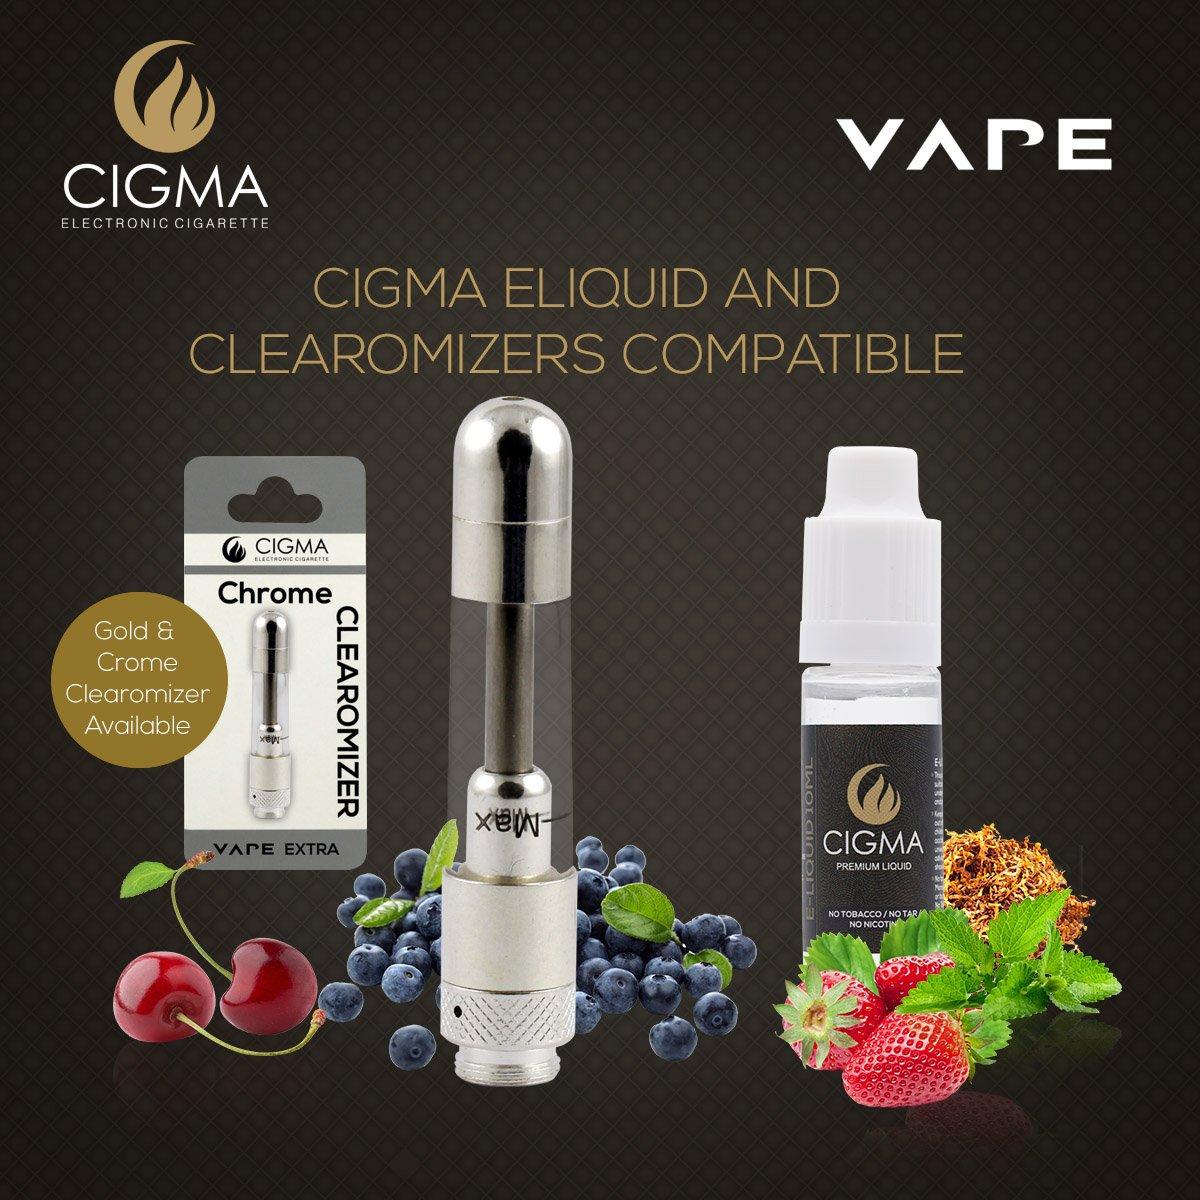 Cigma Vape Bobina para batería adicional | Paquete de 5 de bobinas | Rellenable Clearomizer | Cromo: Amazon.es: Salud y cuidado personal